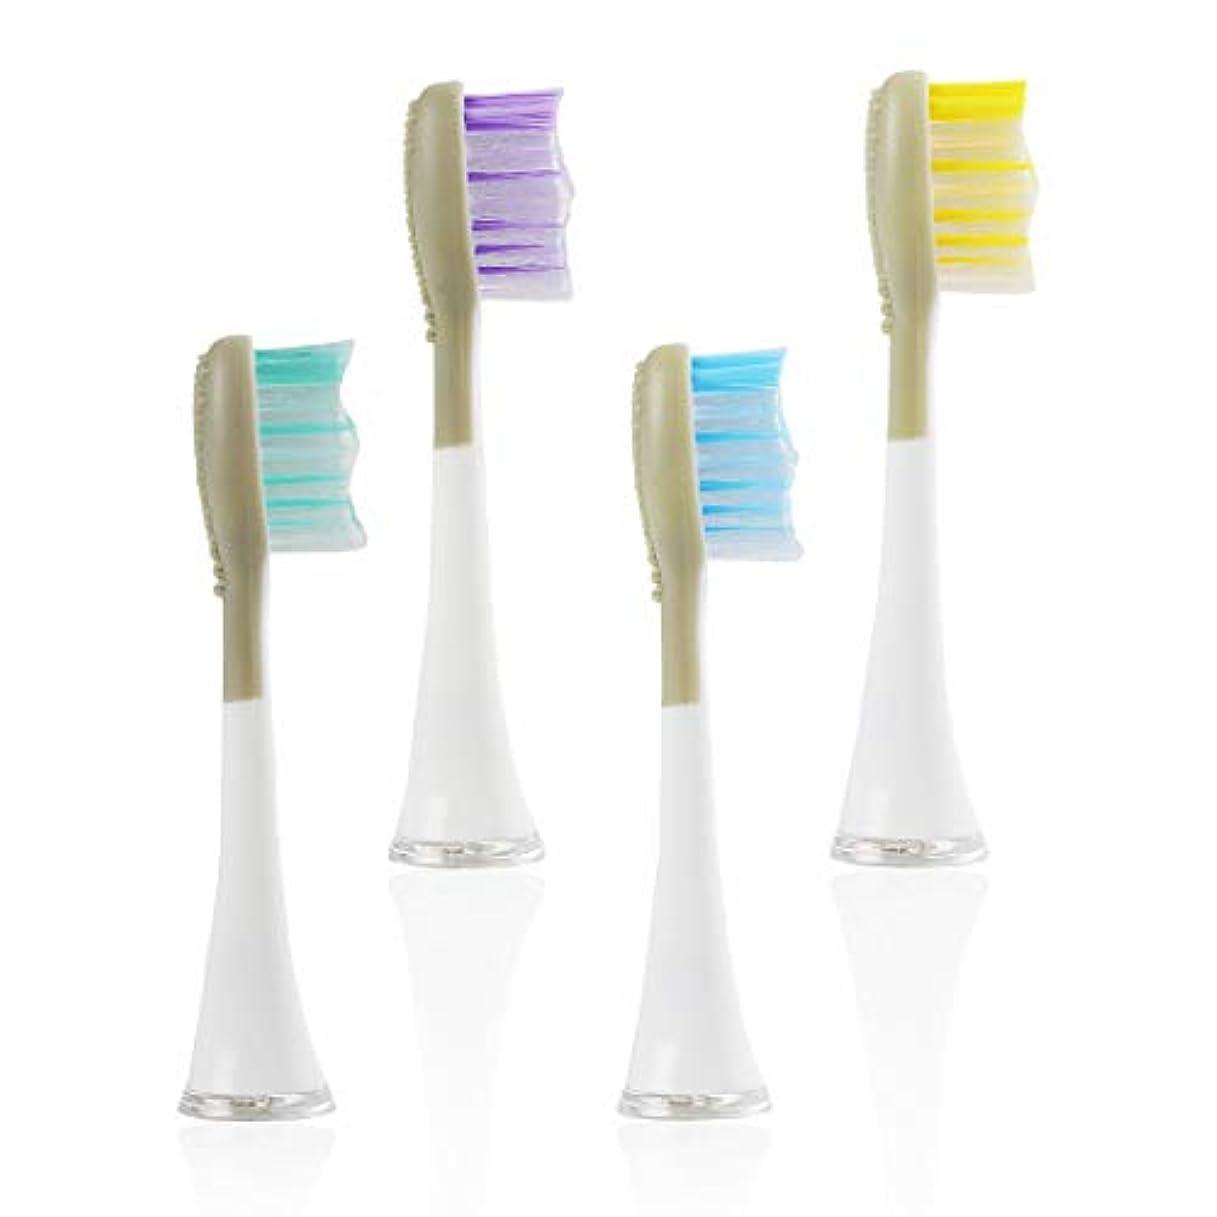 フェード無限レクリエーションQurra 音波式電動歯ブラシ 替えブラシ 4本セット 舌ブラシ付き ワイヤレス充電 IPX7防水 3モード搭載 歯垢除去 ホワイトニング - 替えブラシ4本